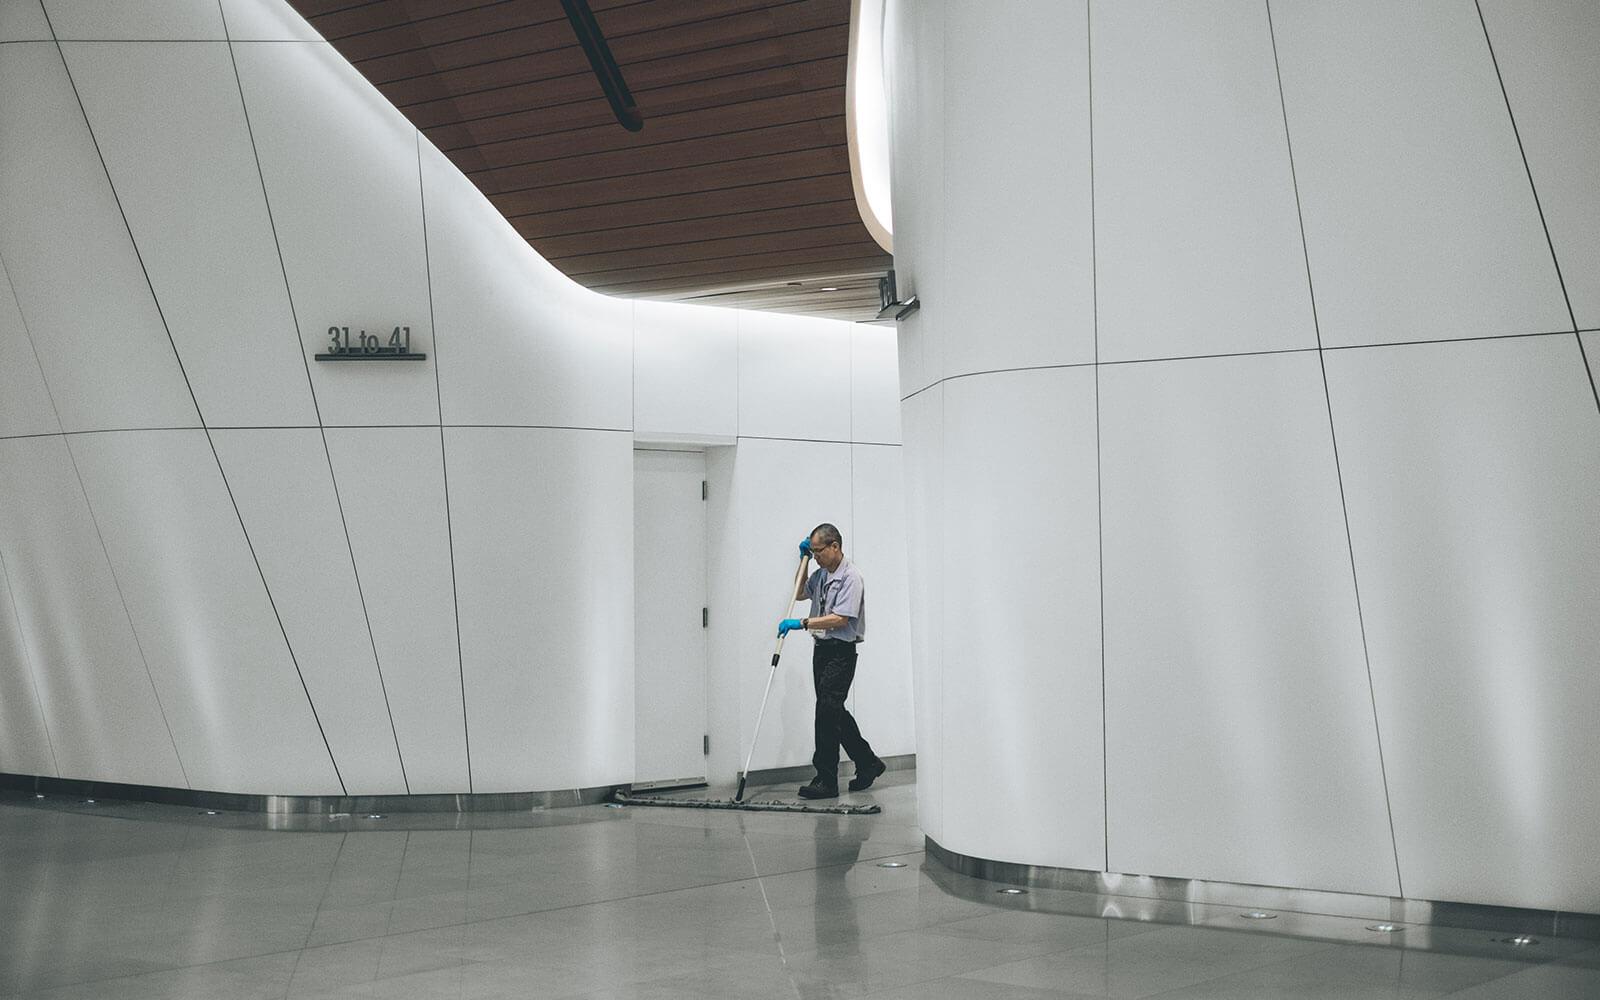 Hausbetreuung, Immobilienverwaltung & Reinigung von öffentlichen Flächen